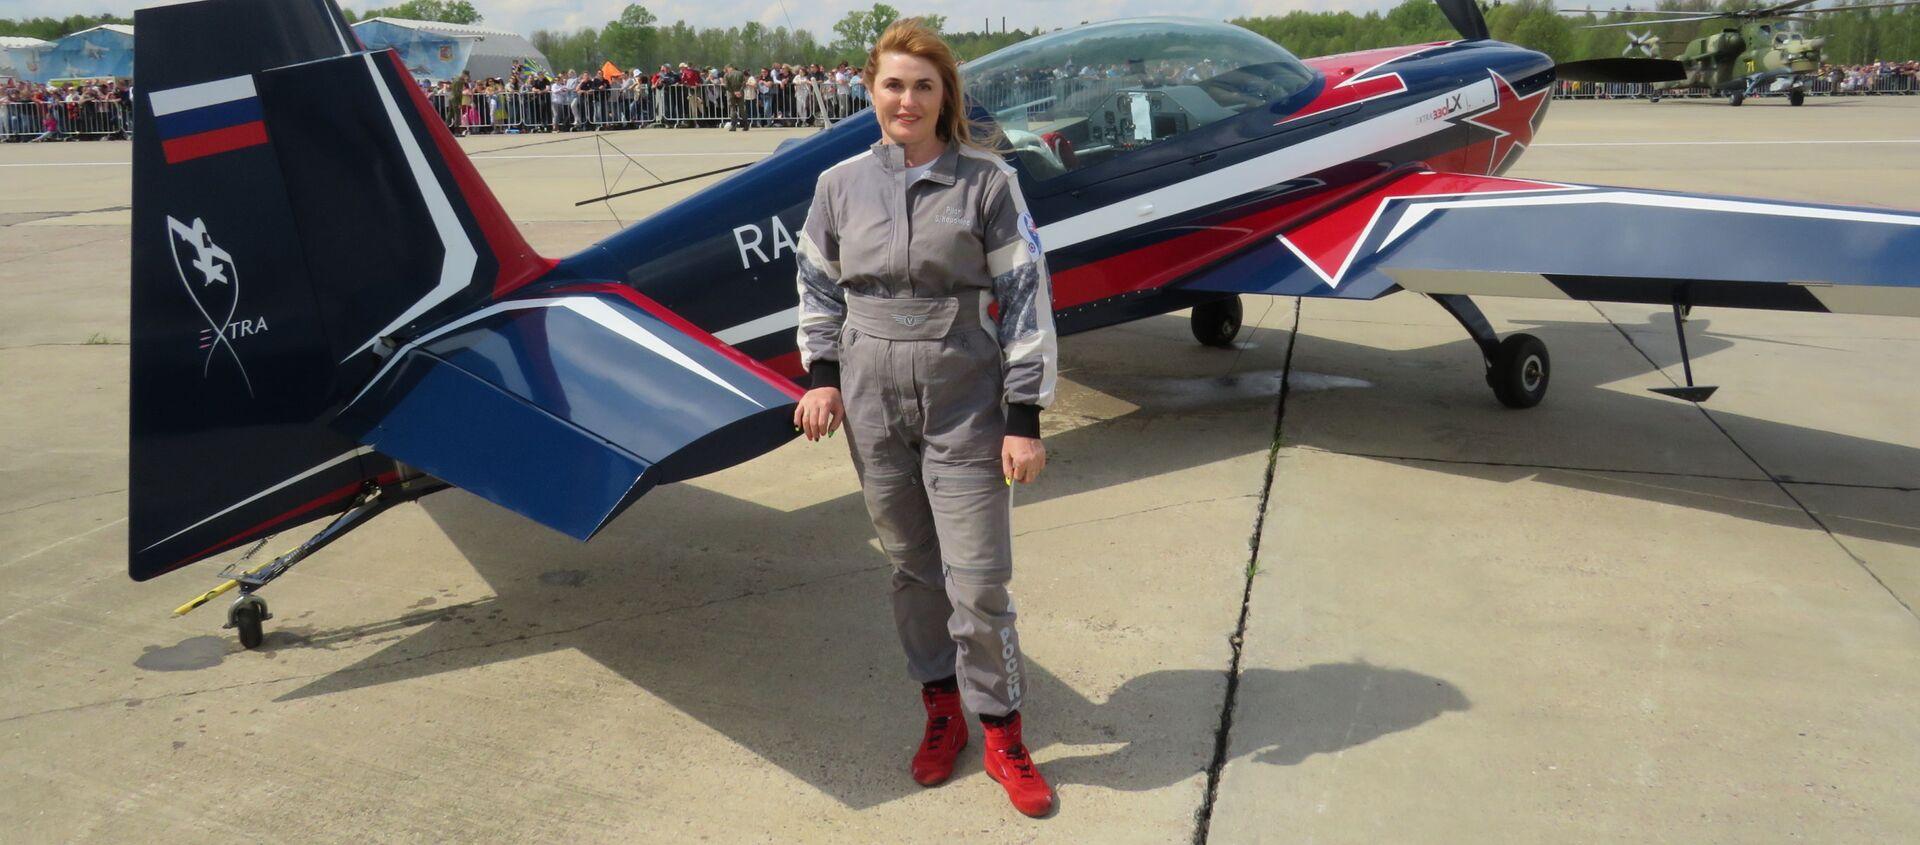 Svetlana Kapanina, phi công 7 lần vô địch thế giới tuyệt đối trong nội dung nữ của môn thể thao máy bay. - Sputnik Việt Nam, 1920, 20.05.2021